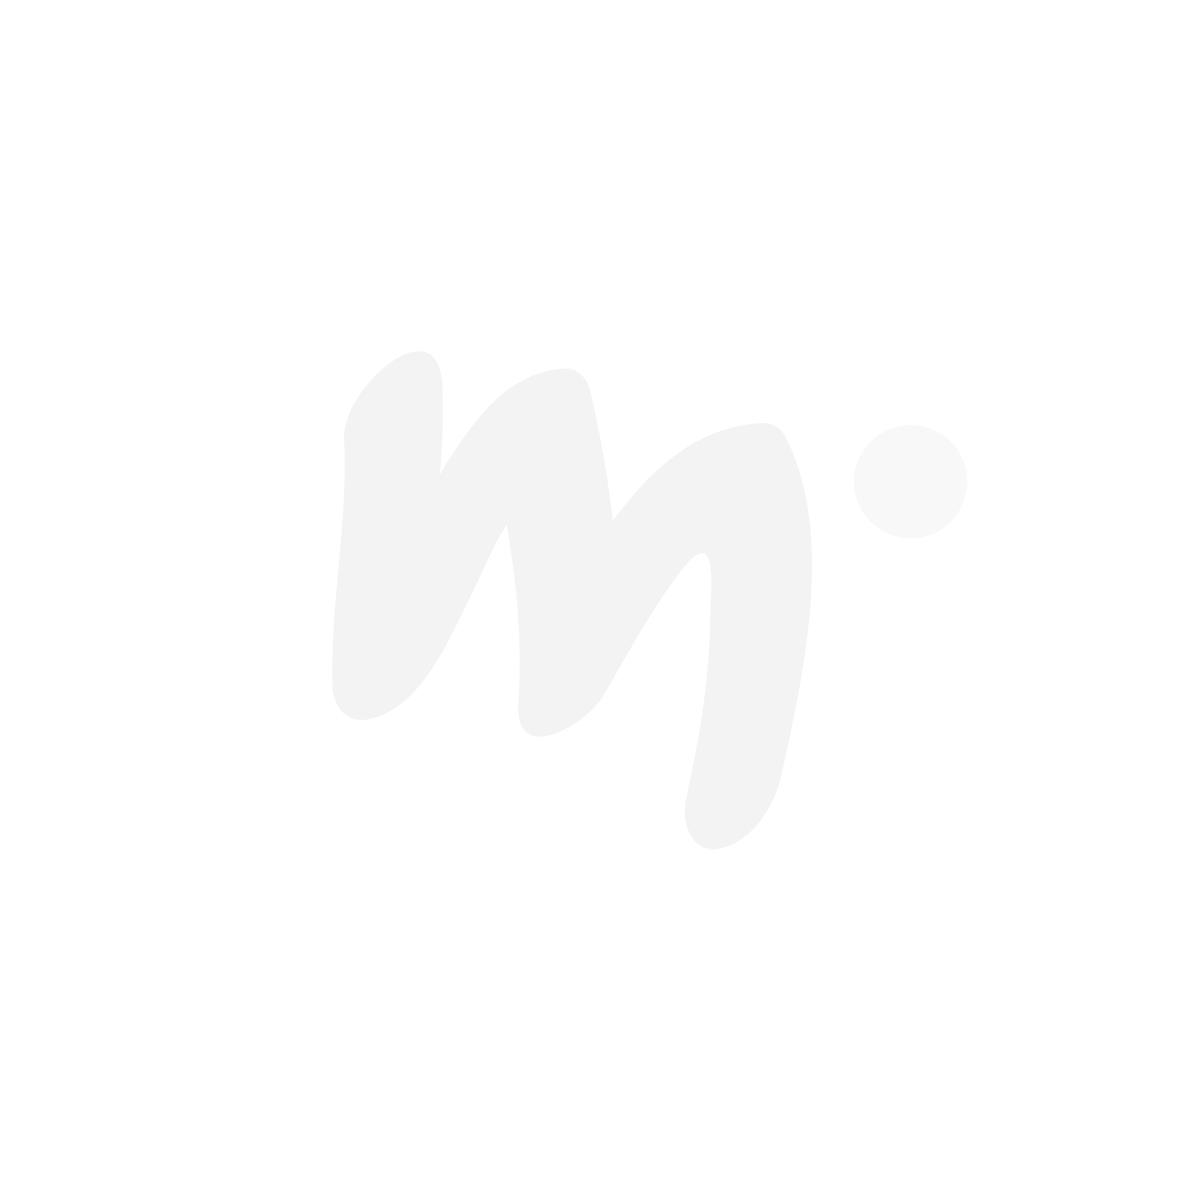 Muumi Uimarit-raitabody